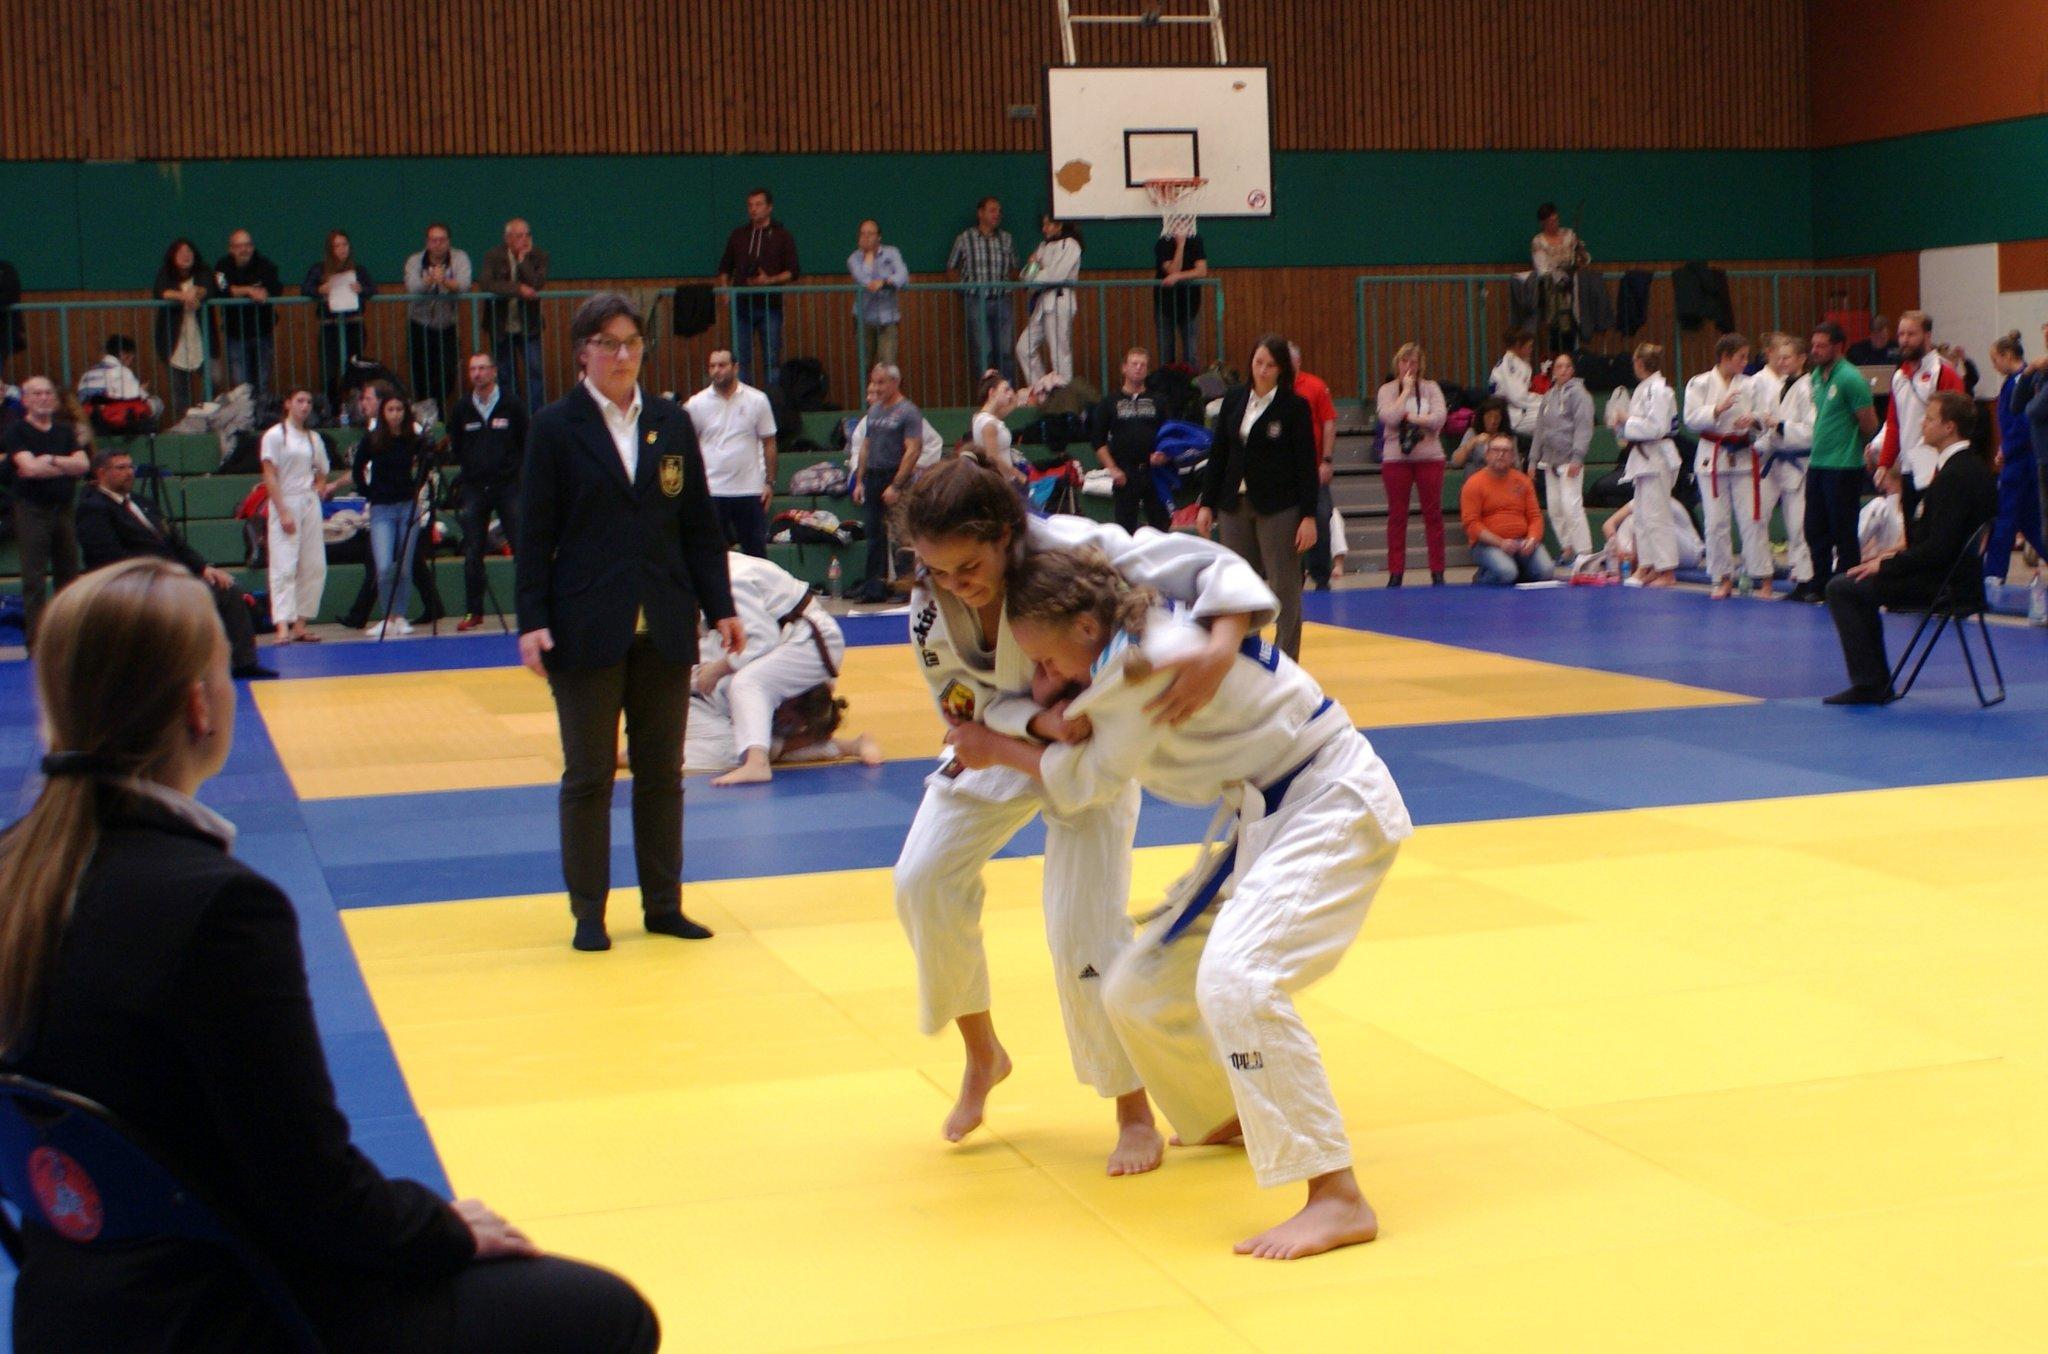 Judo Club Holzwickede trägt Sichtungsturnier aus - Unna - Lokalkompass.de